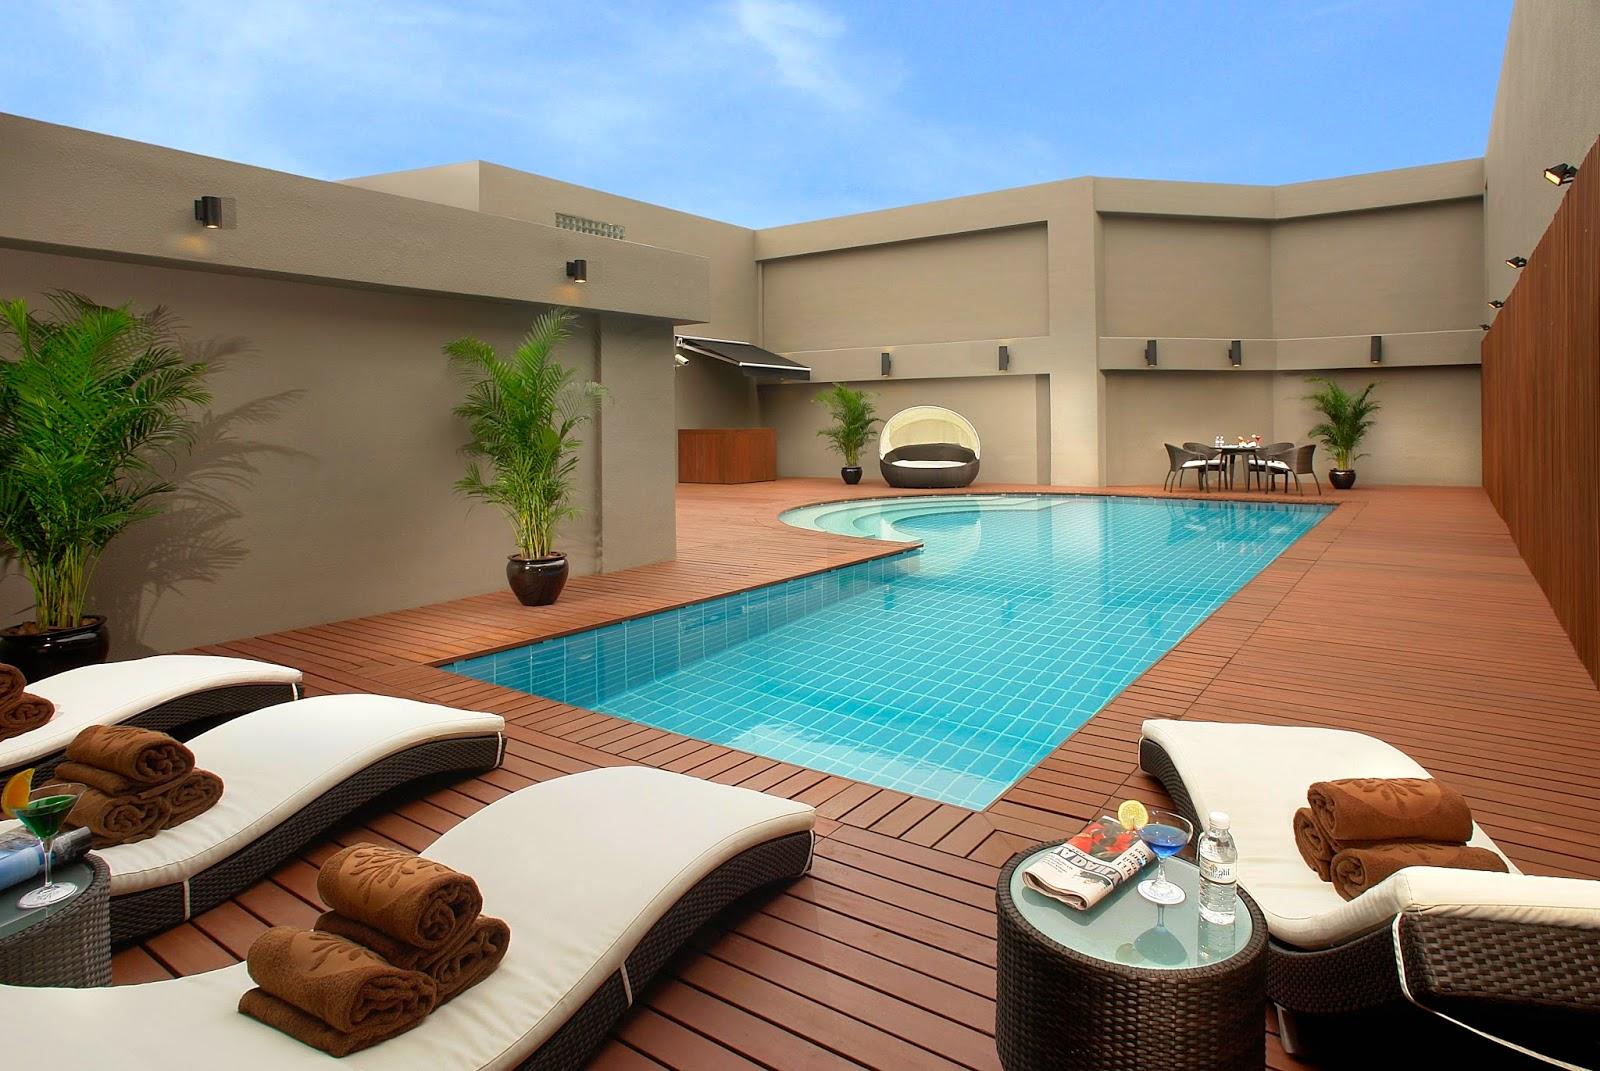 multinotas dise os modernos de piscinas enterradas